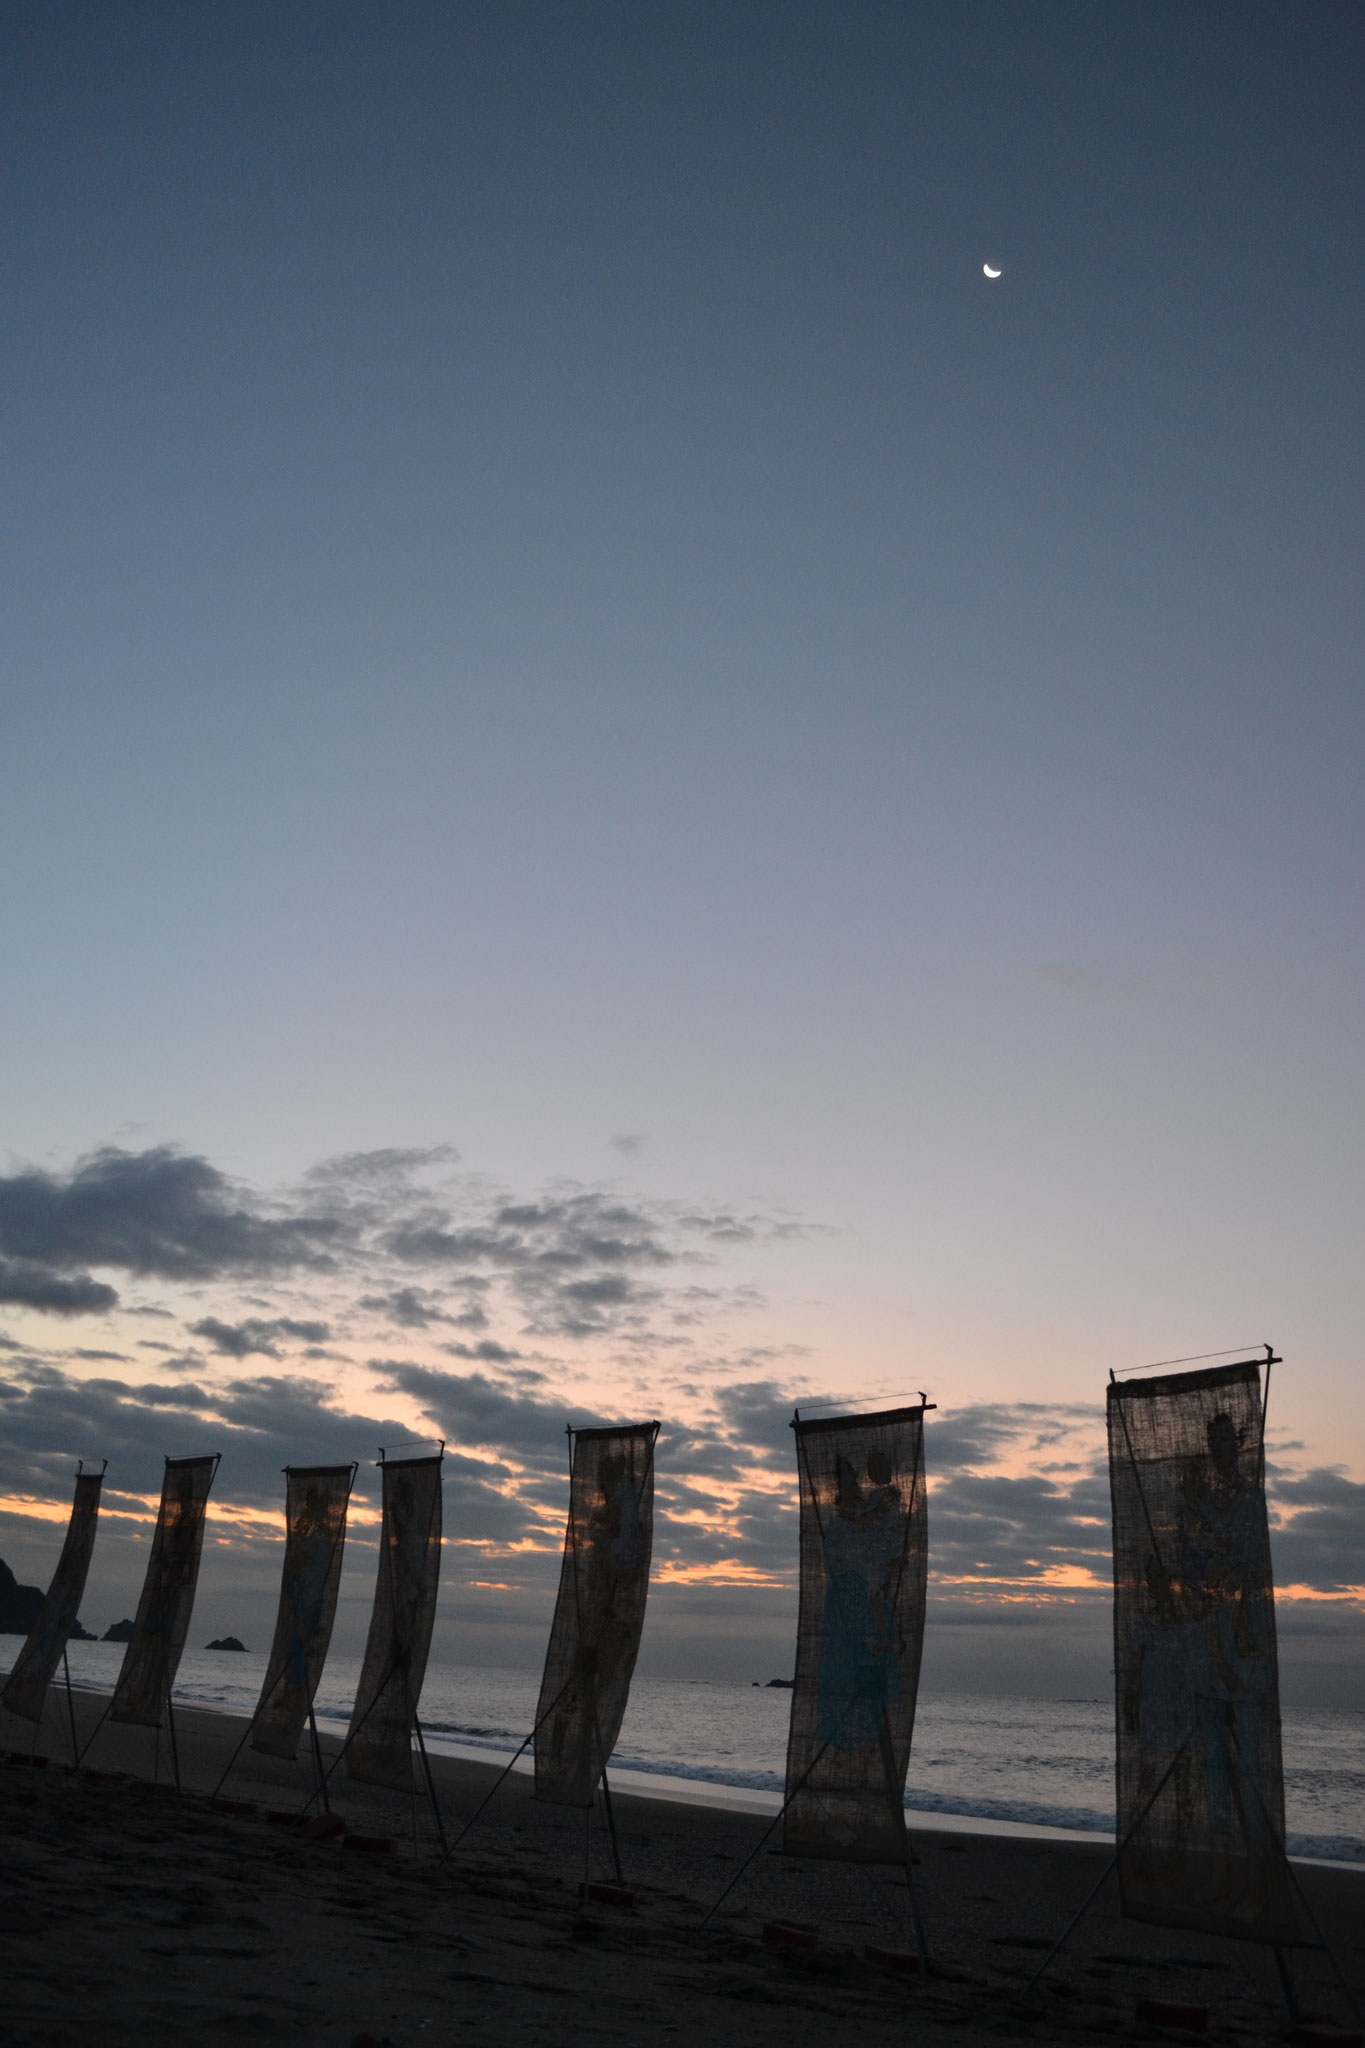 恋路ヶ浜・伊良湖岬( 愛知県 )2014年